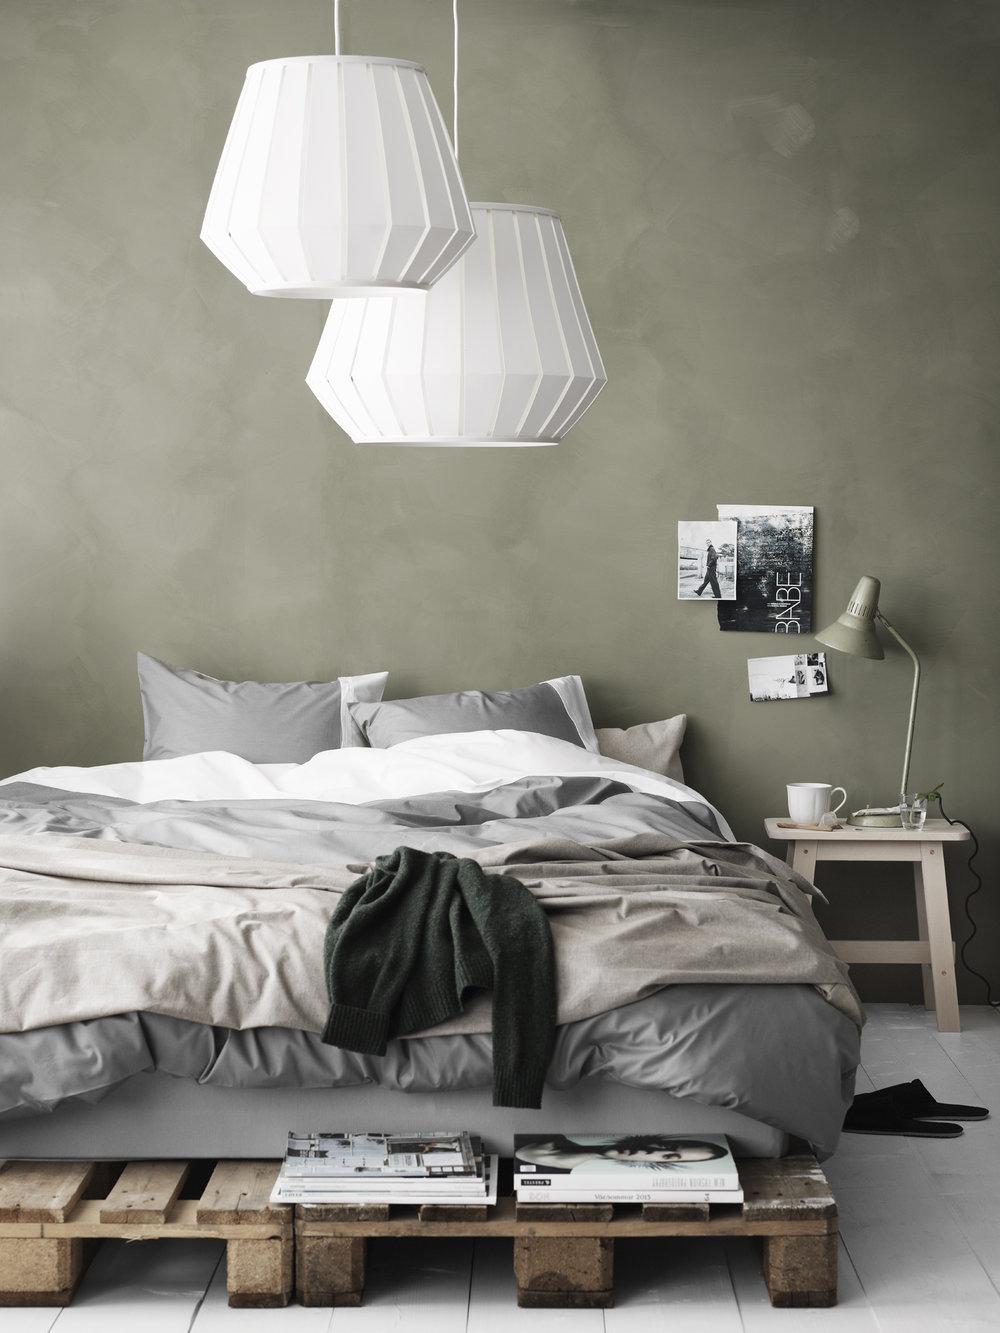 Ikea_10024 kopia.jpg